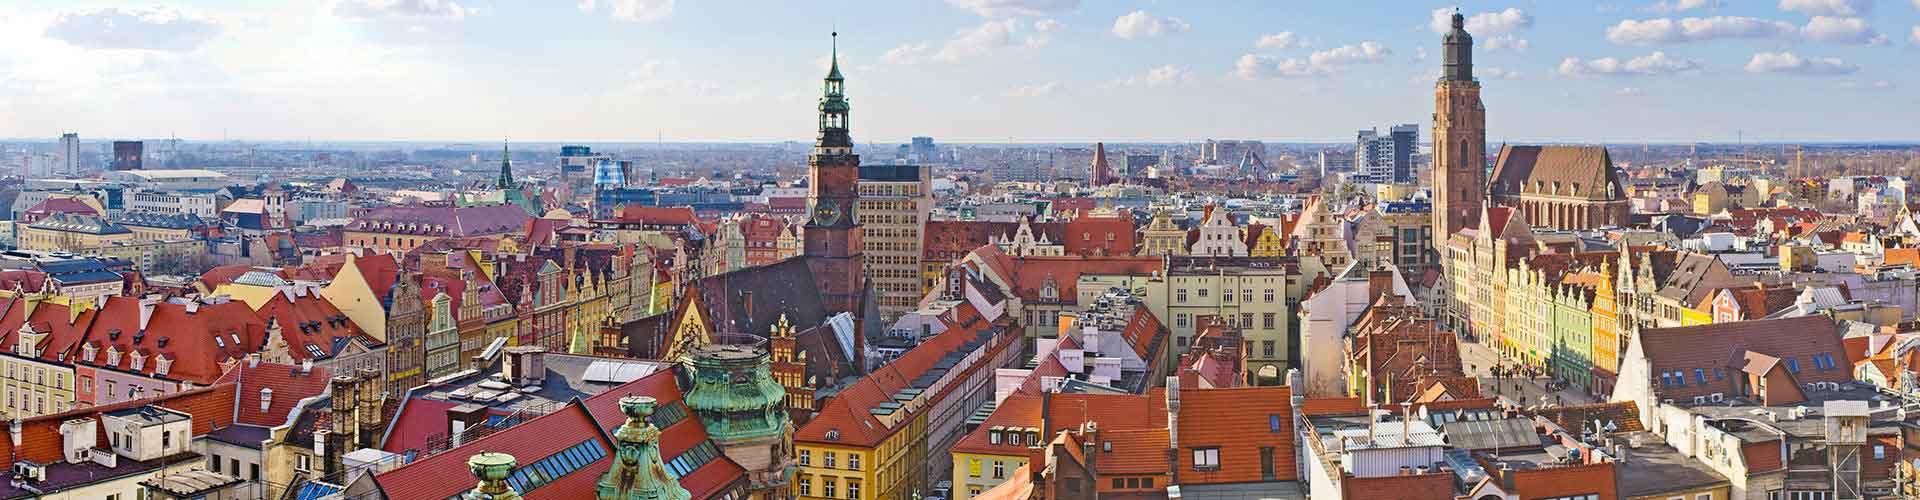 Wroclaw - Wohnungen in Wroclaw. Karten für Wroclaw. Fotos und Bewertungen für jede Wohnung in Wroclaw.